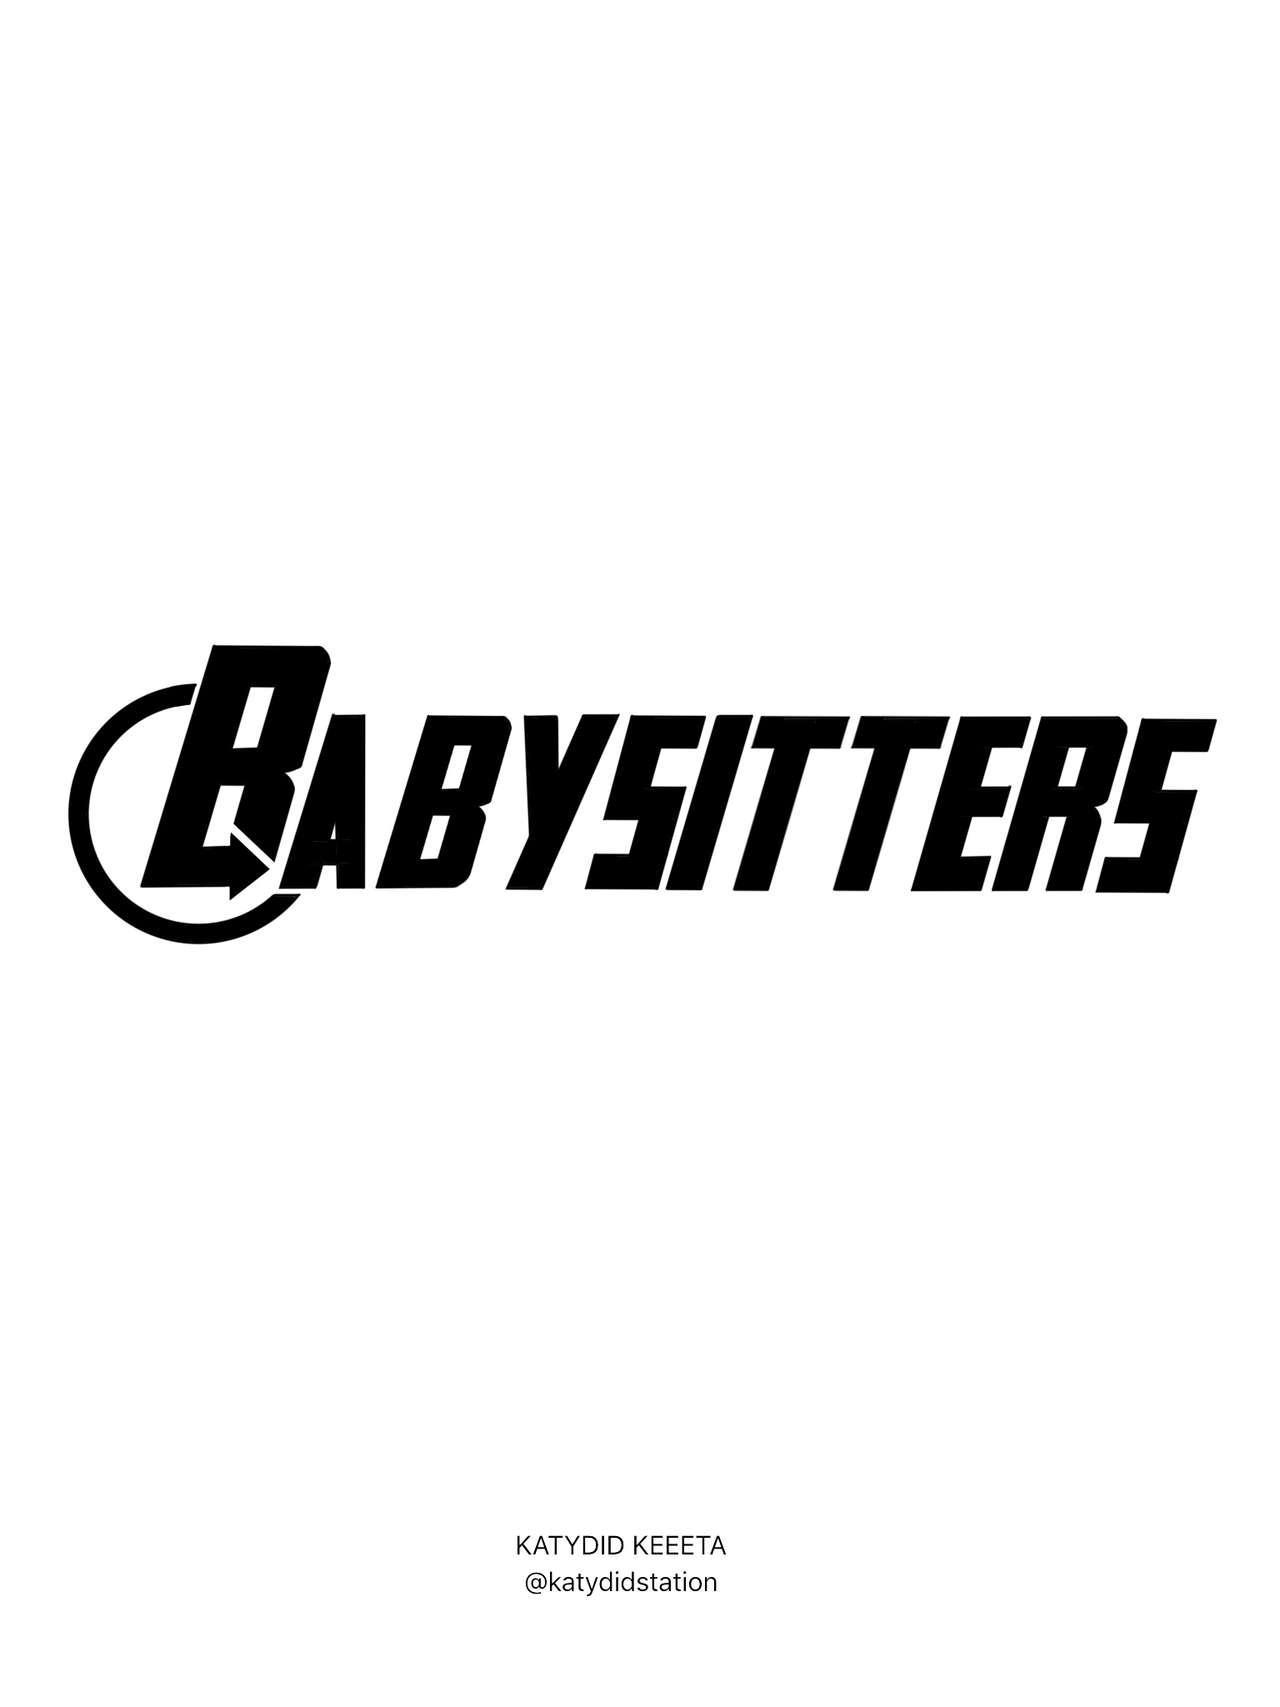 BABITCHITTER 56